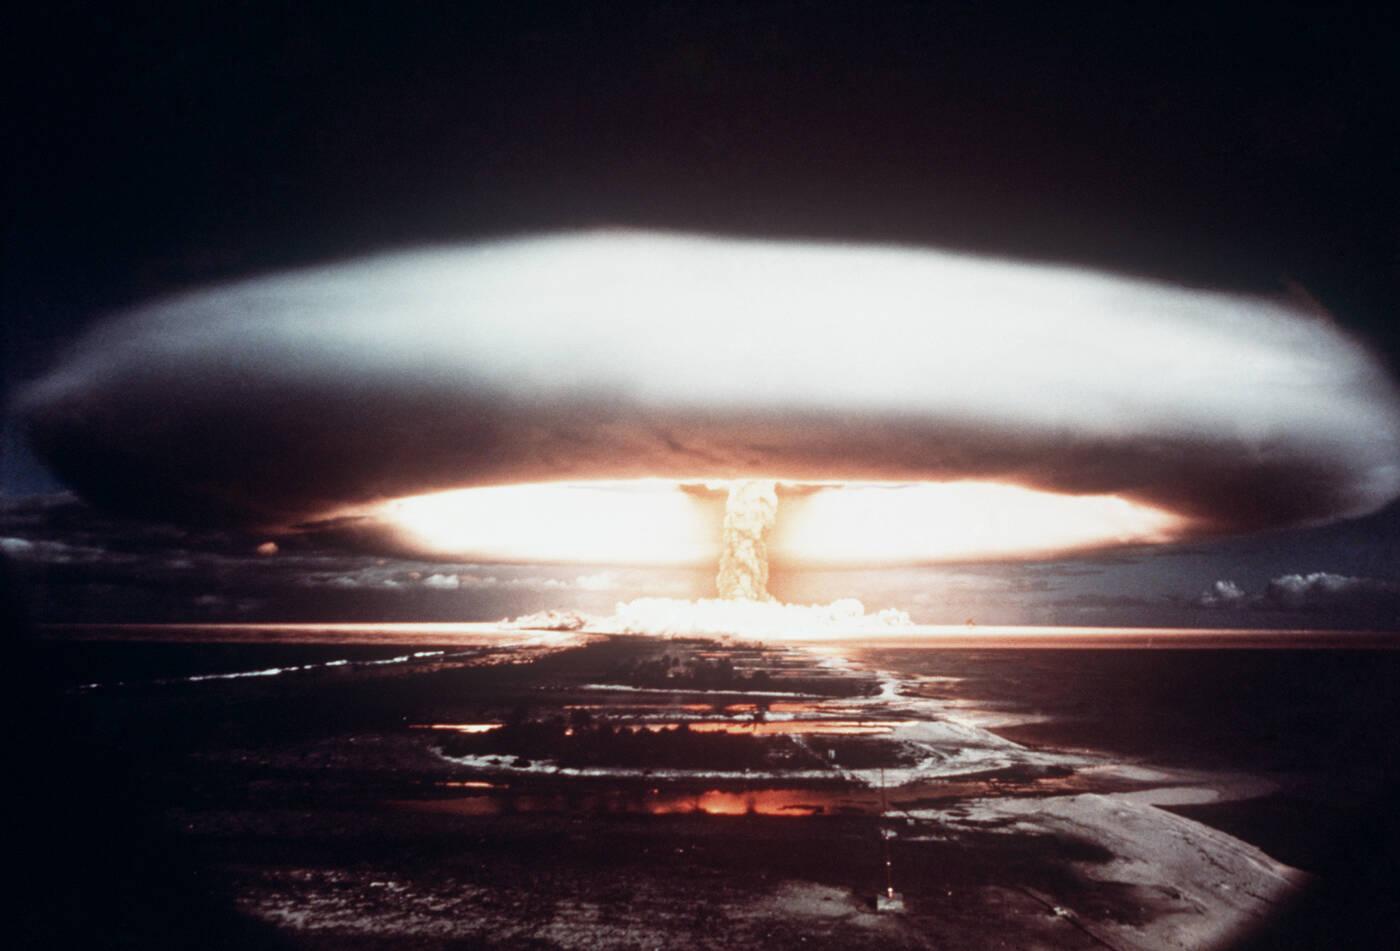 Czy można przeżyć wybuch atomowy?